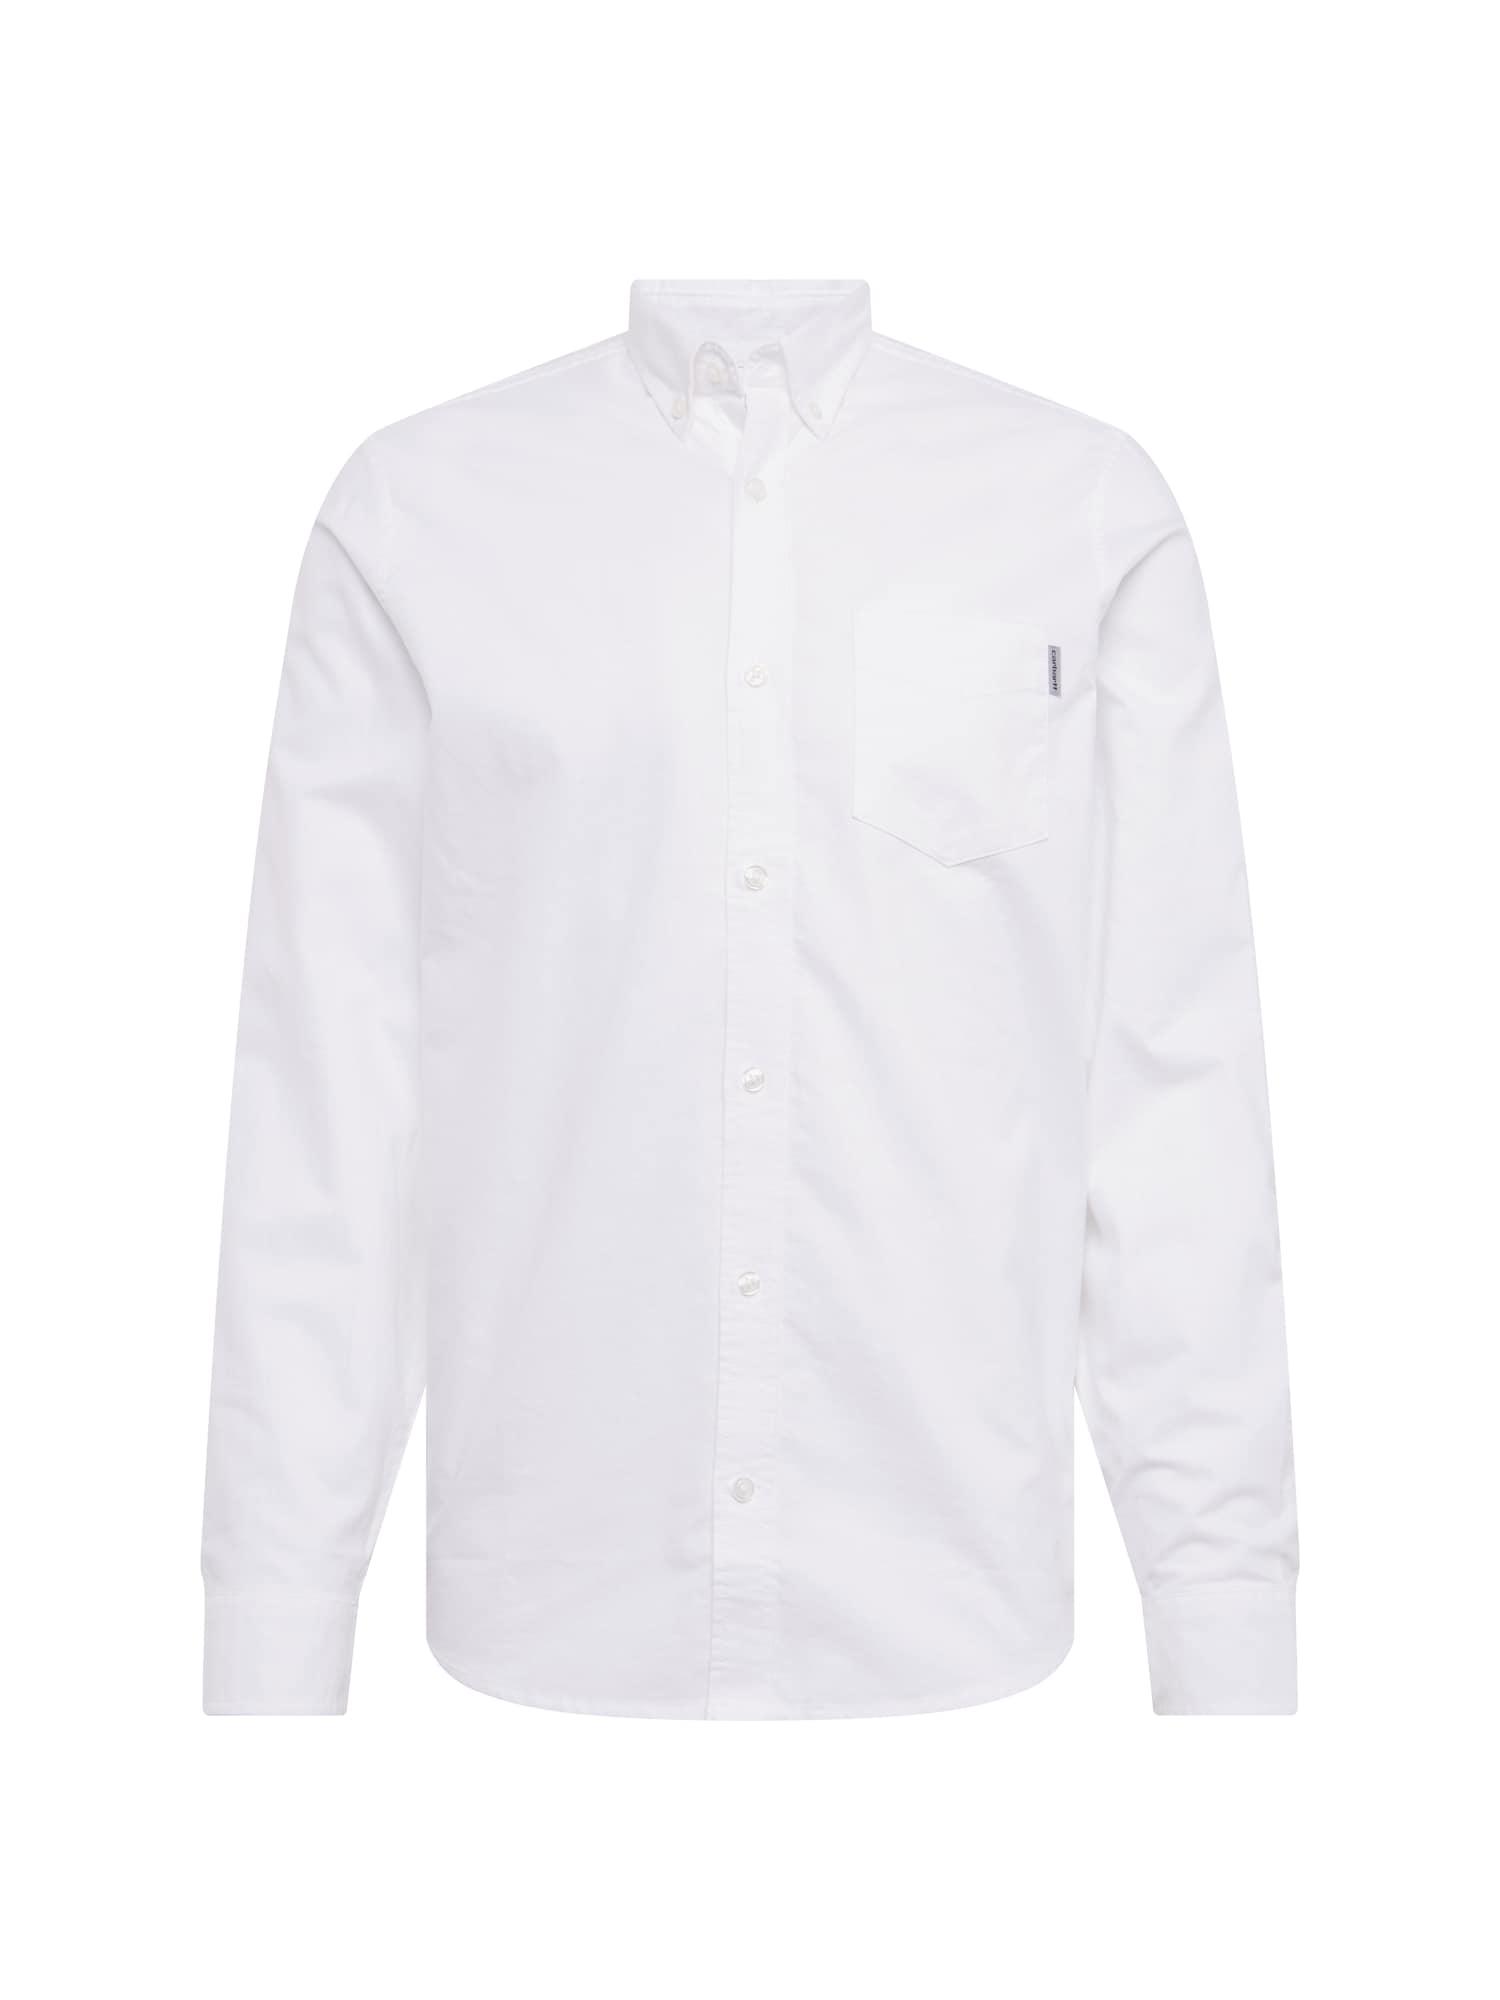 Carhartt WIP Dalykiniai marškiniai 'L/S Button Down Pocket' balta